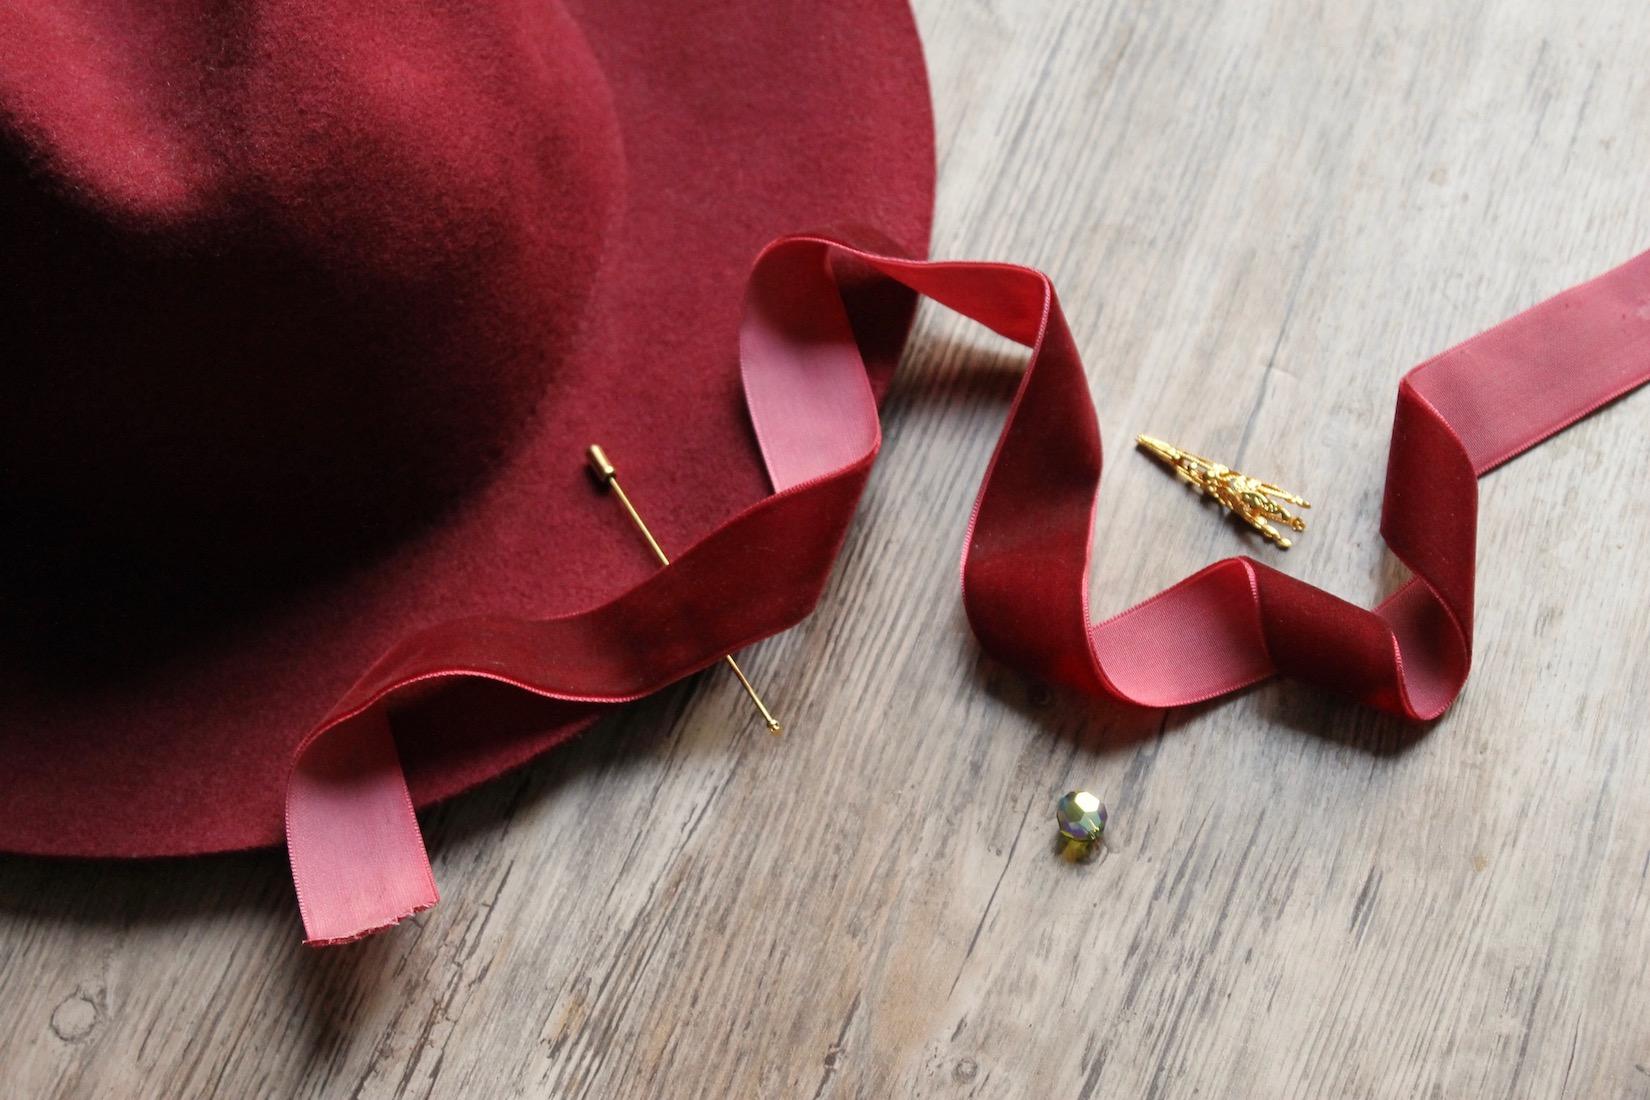 materiel-diy-pique-a-chapeau